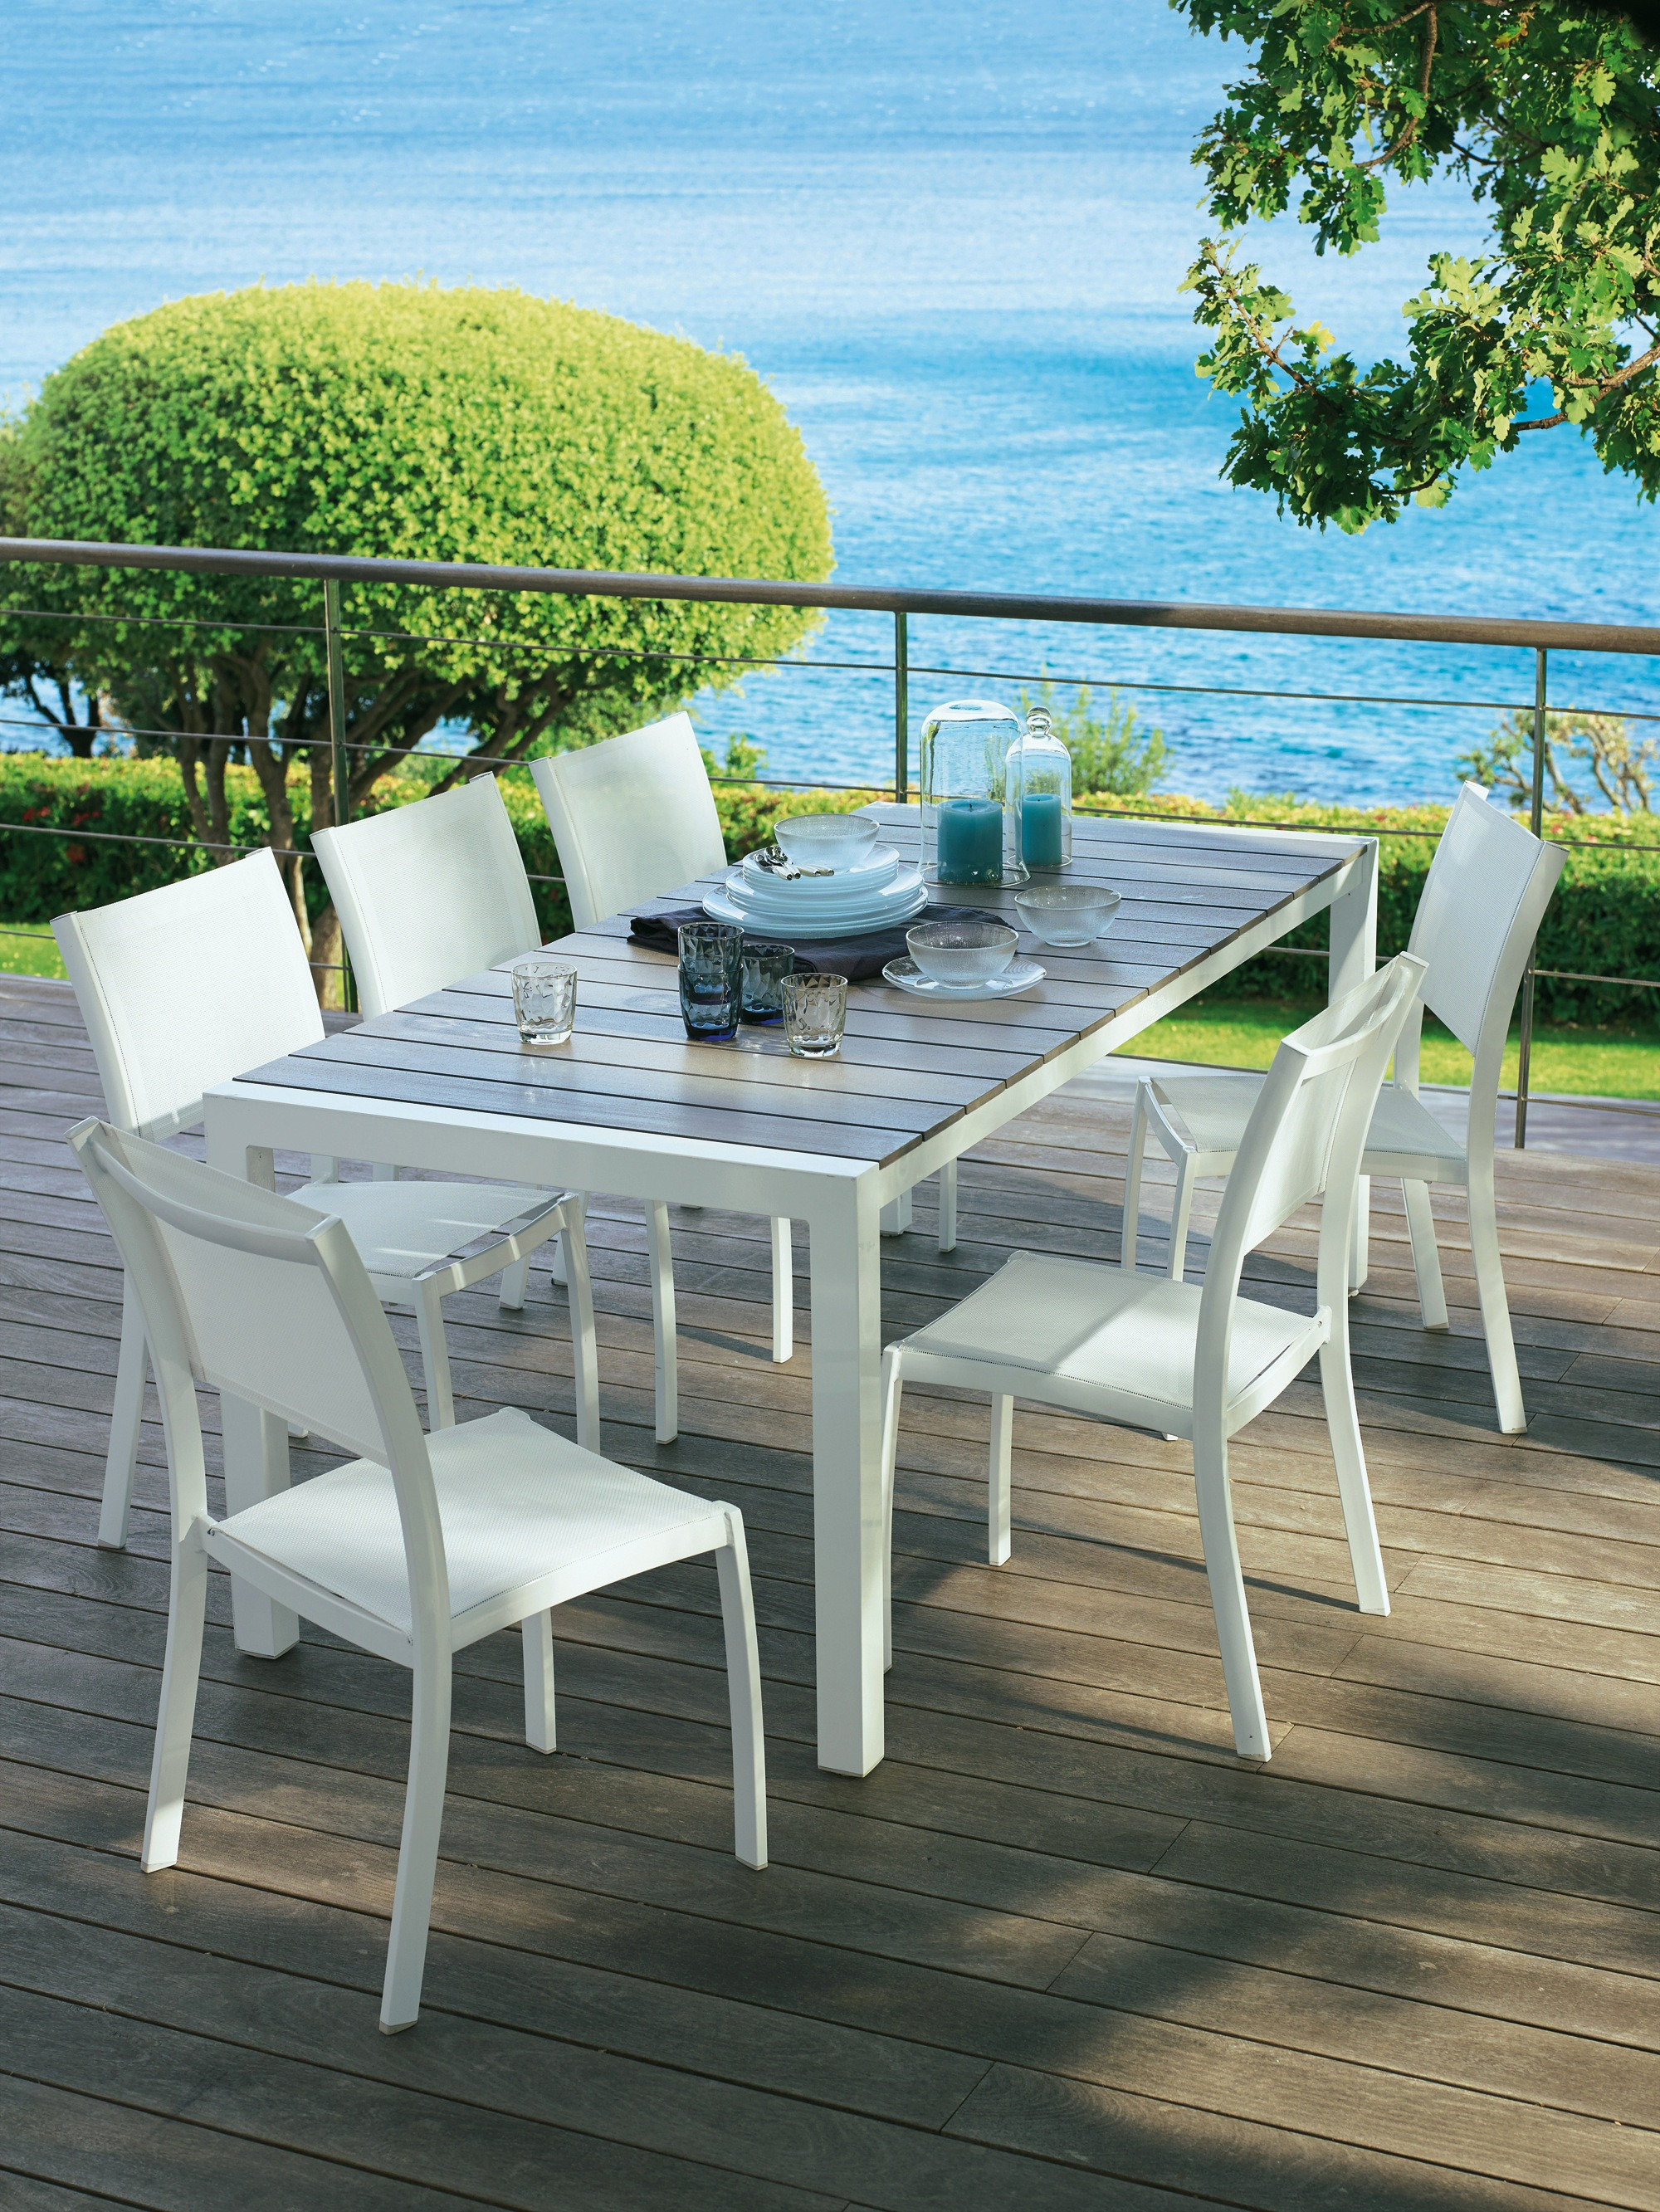 Table Et Chaises De Jardin Leclerc Beau Collection Fauteuil Jardin Leclerc Meilleur De Leclerc Table De Jardin Ainsi